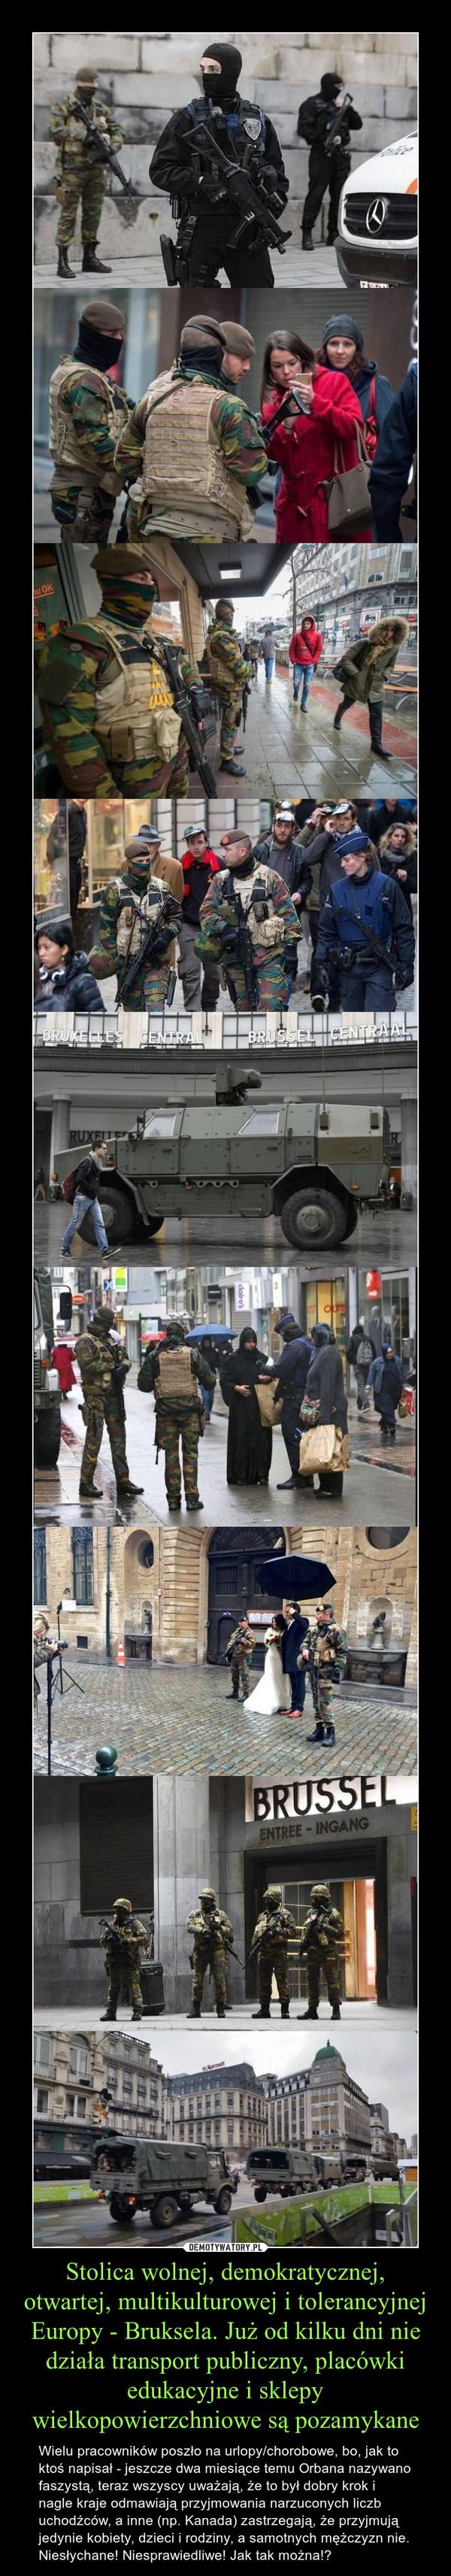 Stolica wolnej, demokratycznej, otwartej, multikulturowej i tolerancyjnej Europy - Bruksela. Już od kilku dni nie działa transport publiczny, placówki edukacyjne i sklepy wielkopowierzchniowe są pozamykane – Wielu pracowników poszło na urlopy/chorobowe, bo, jak to ktoś napisał - jeszcze dwa miesiące temu Orbana nazywano faszystą, teraz wszyscy uważają, że to był dobry krok i nagle kraje odmawiają przyjmowania narzuconych liczb uchodźców, a inne (np. Kanada) zastrzegają, że przyjmują jedynie kobiety, dzieci i rodziny, a samotnych mężczyzn nie. Niesłychane! Niesprawiedliwe! Jak tak można!?